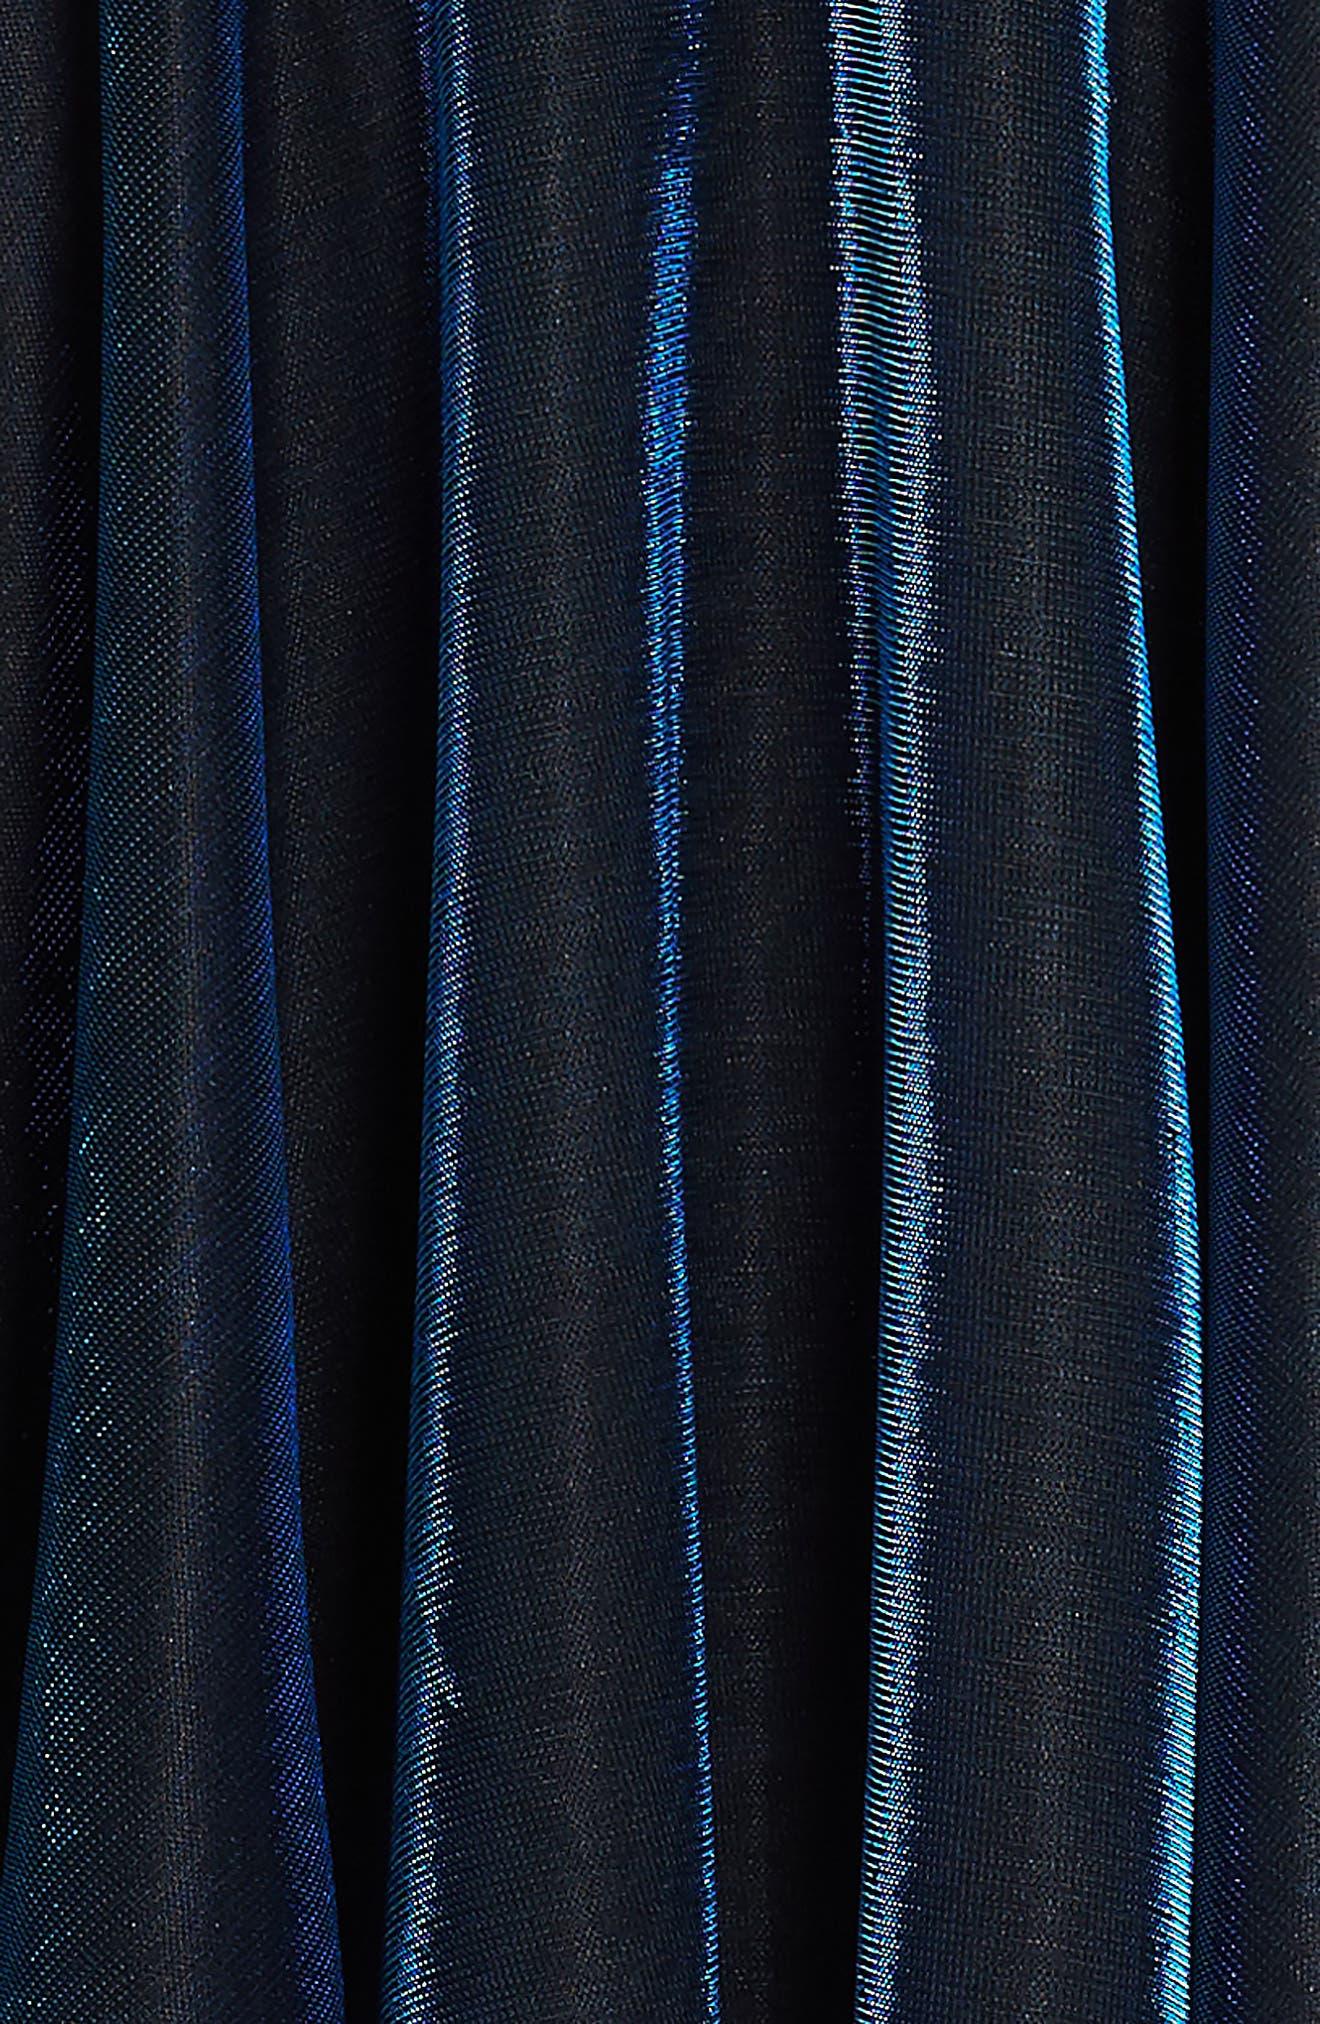 Iridescent Techno Skater Dress,                             Alternate thumbnail 3, color,                             420